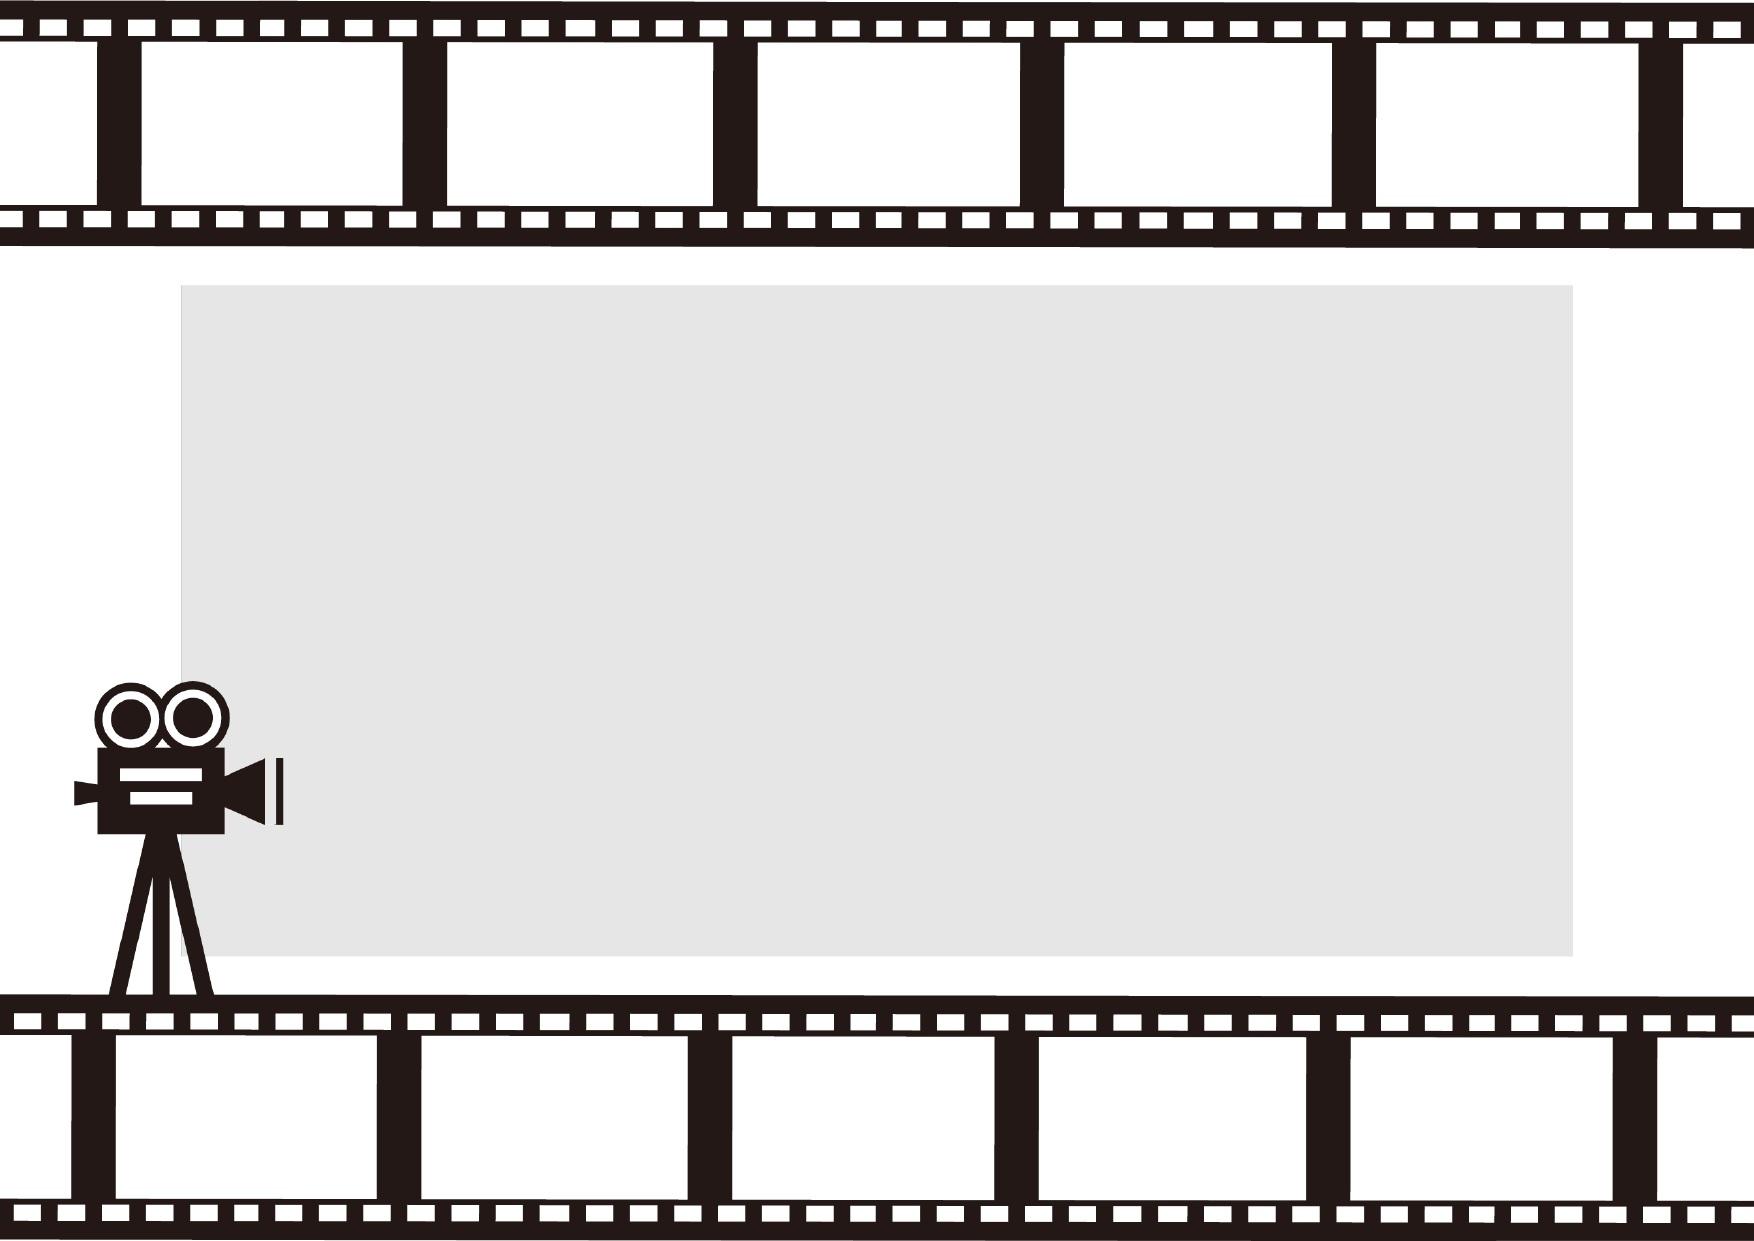 モノクロ(白黒)映画フィルムのフレーム